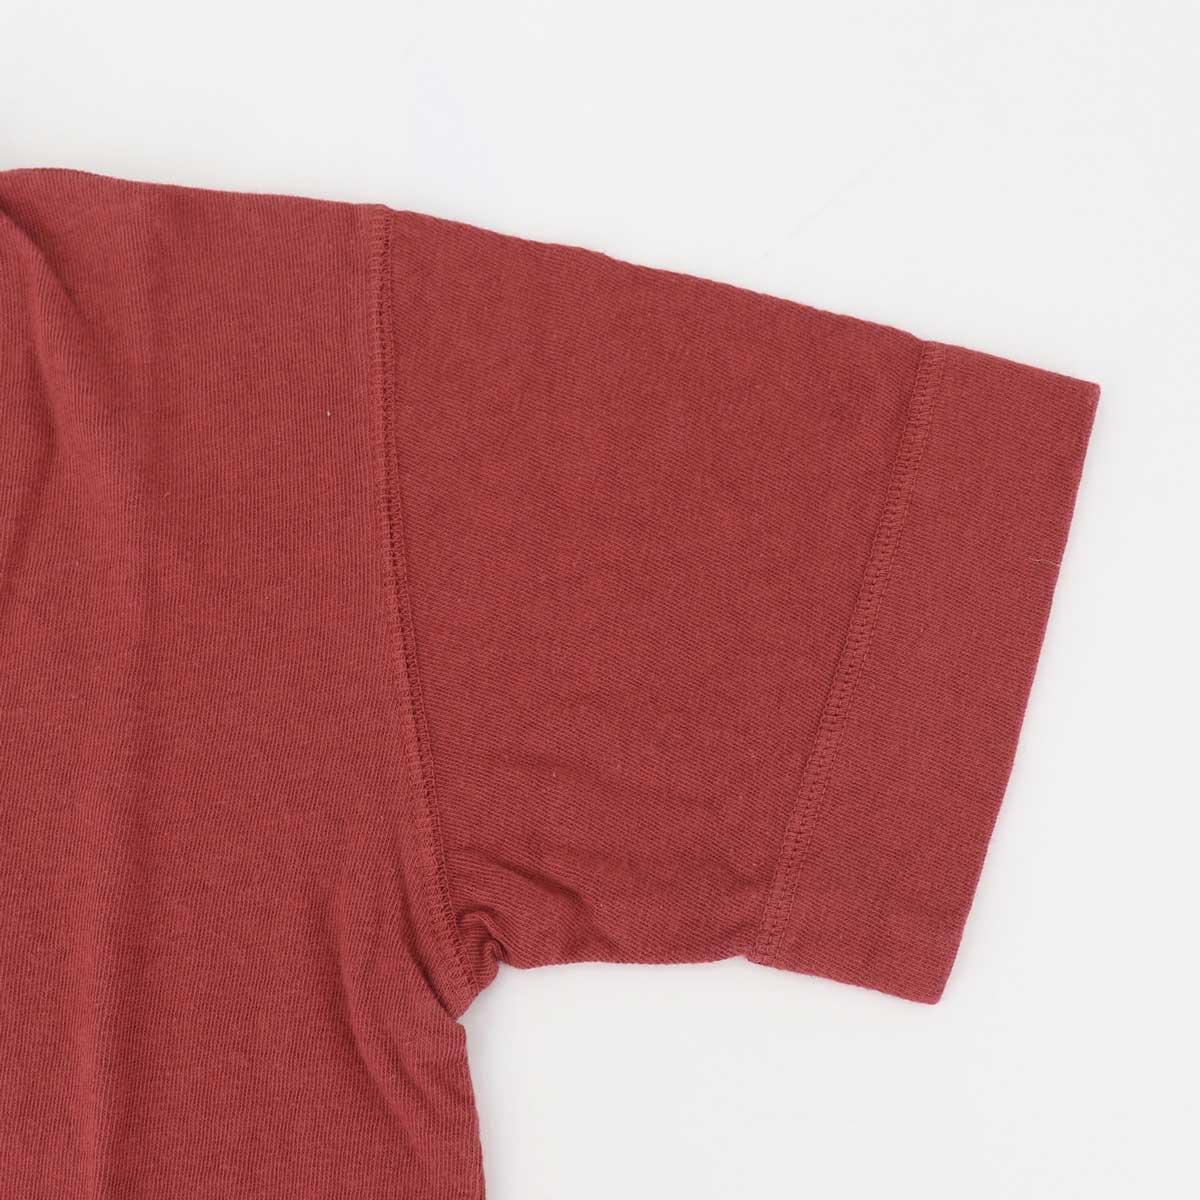 【クリアランスセール】スウィープ!! ロサンゼルス SWEEP!! LosAngeles メンズ スラブコットン 半袖 VネックTシャツ SLUB V-NECK SWSLVNK-17 RED(レッド)【返品交換不可】